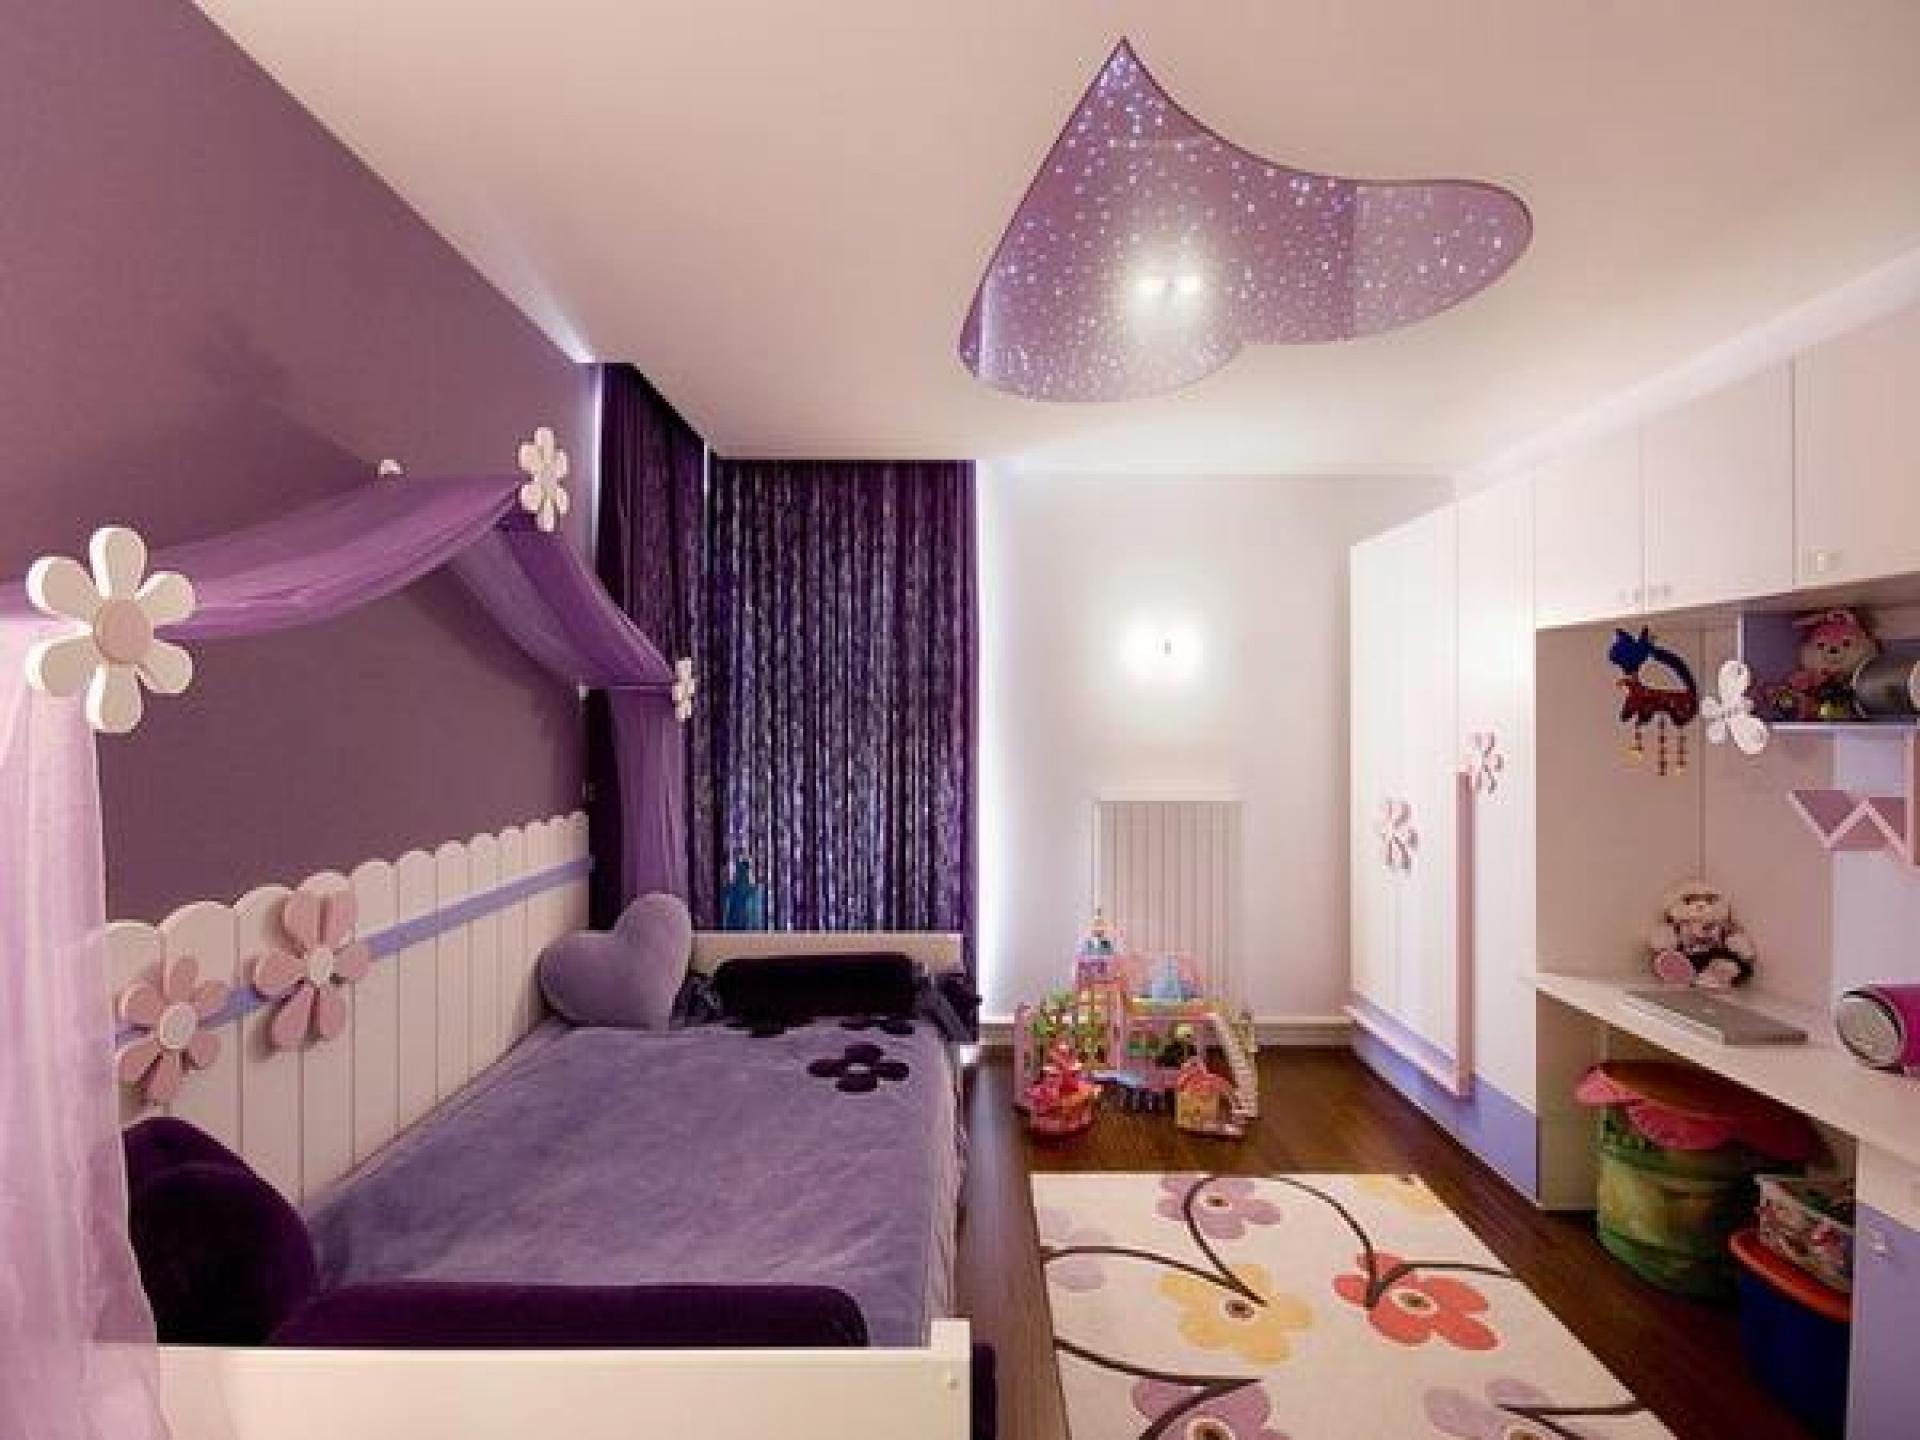 Детская комната для девочки : ремонт, 75 фото идей дизайна 36